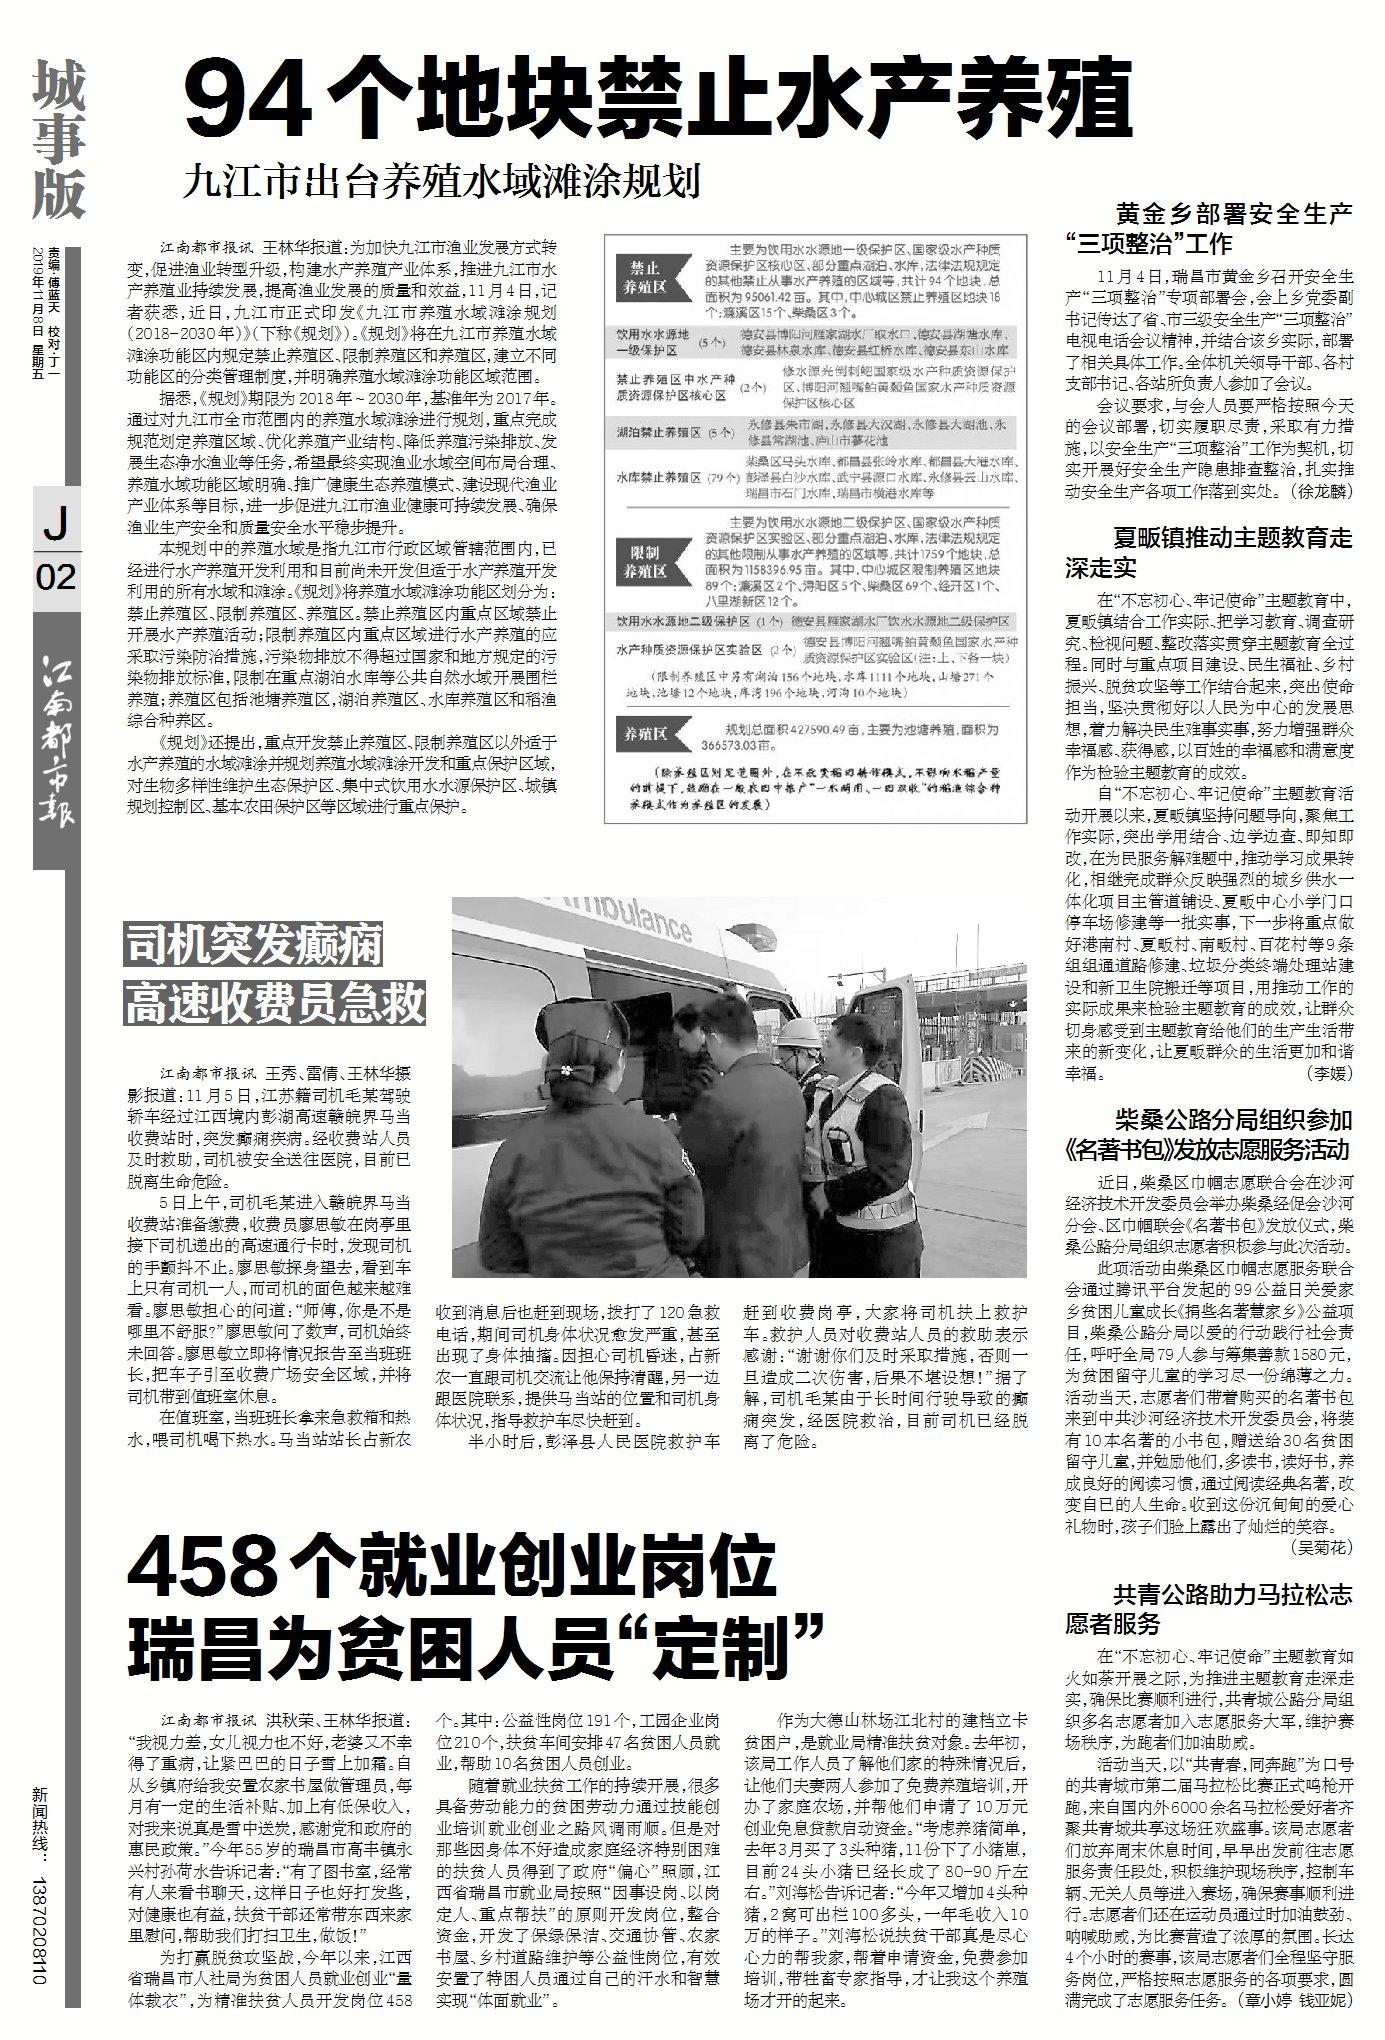 2019年11月8日江南都市报《亚博体育app苹果新闻》2版